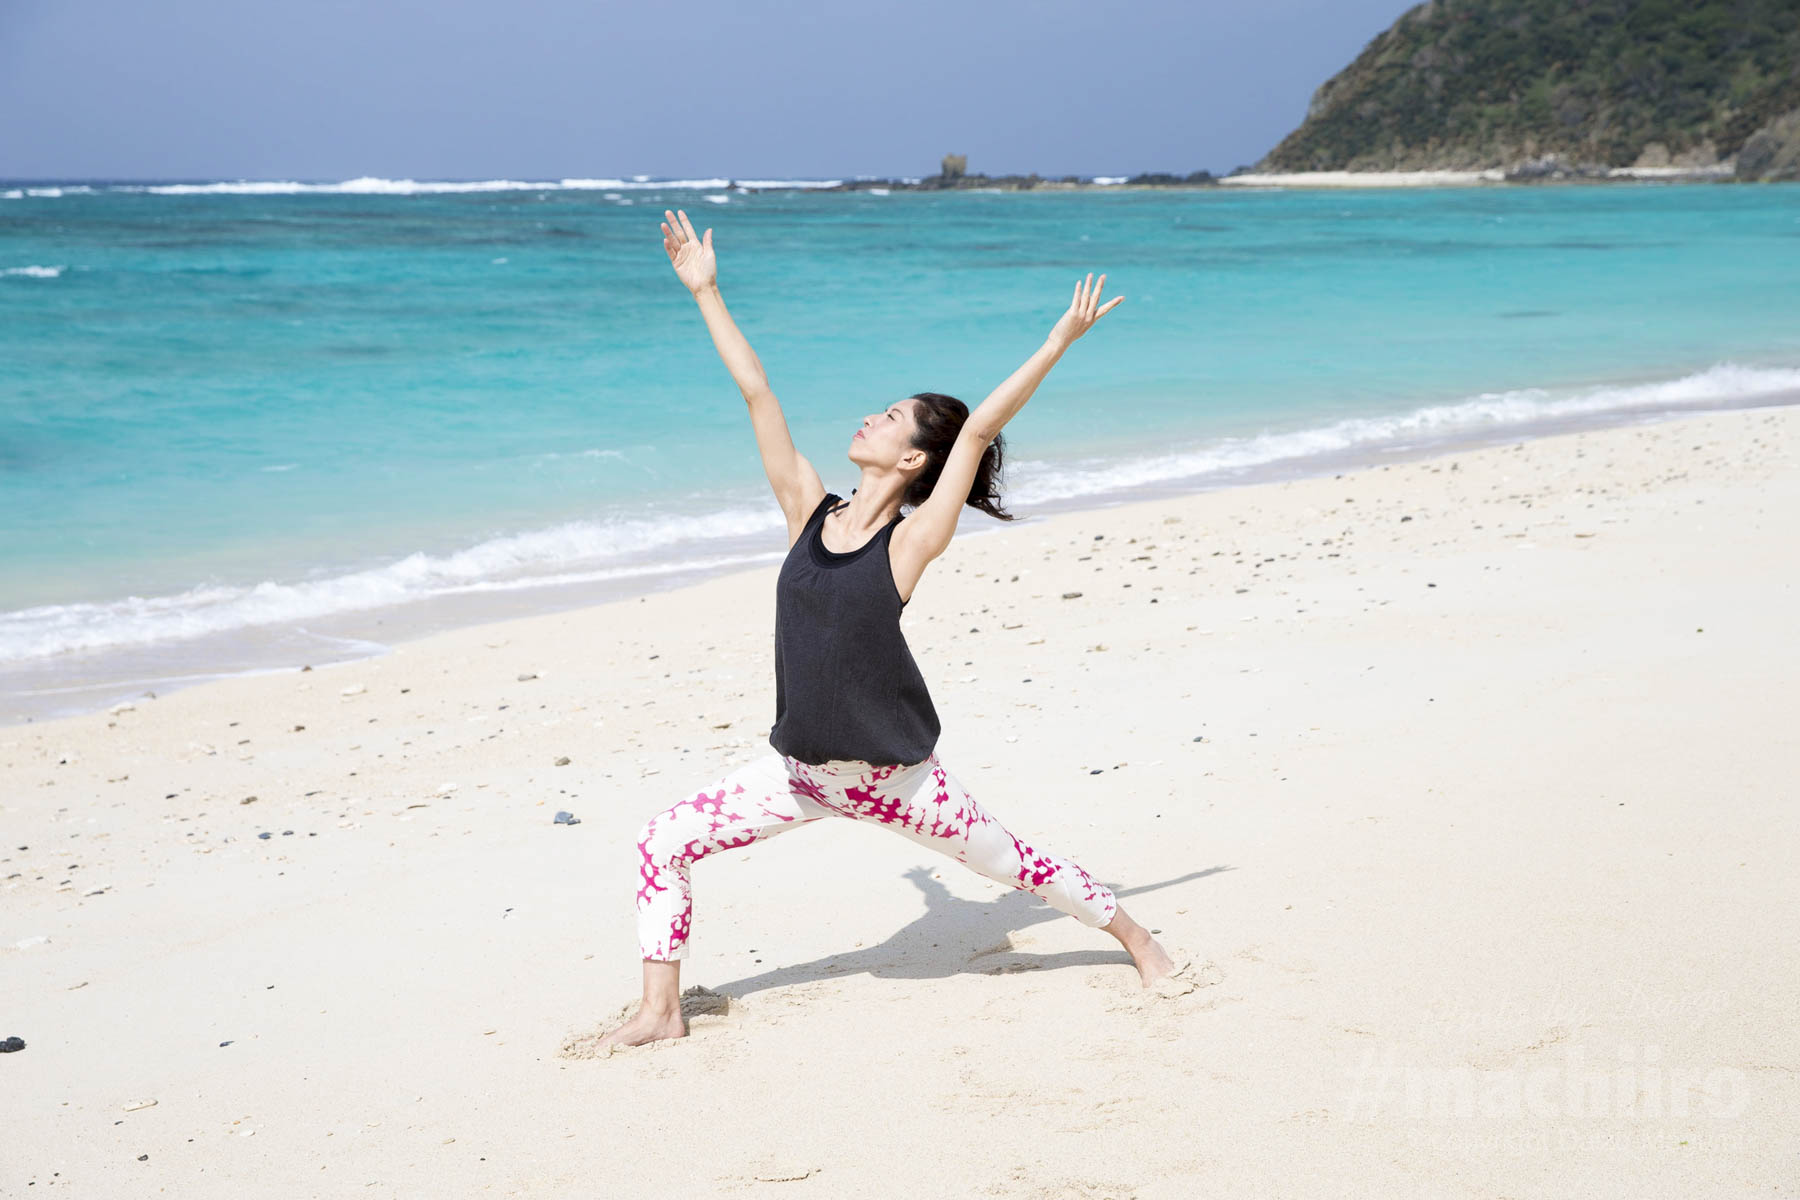 奄美発のヨガウェアamami ainaとめぐる奄美大島の絶景スポット18選